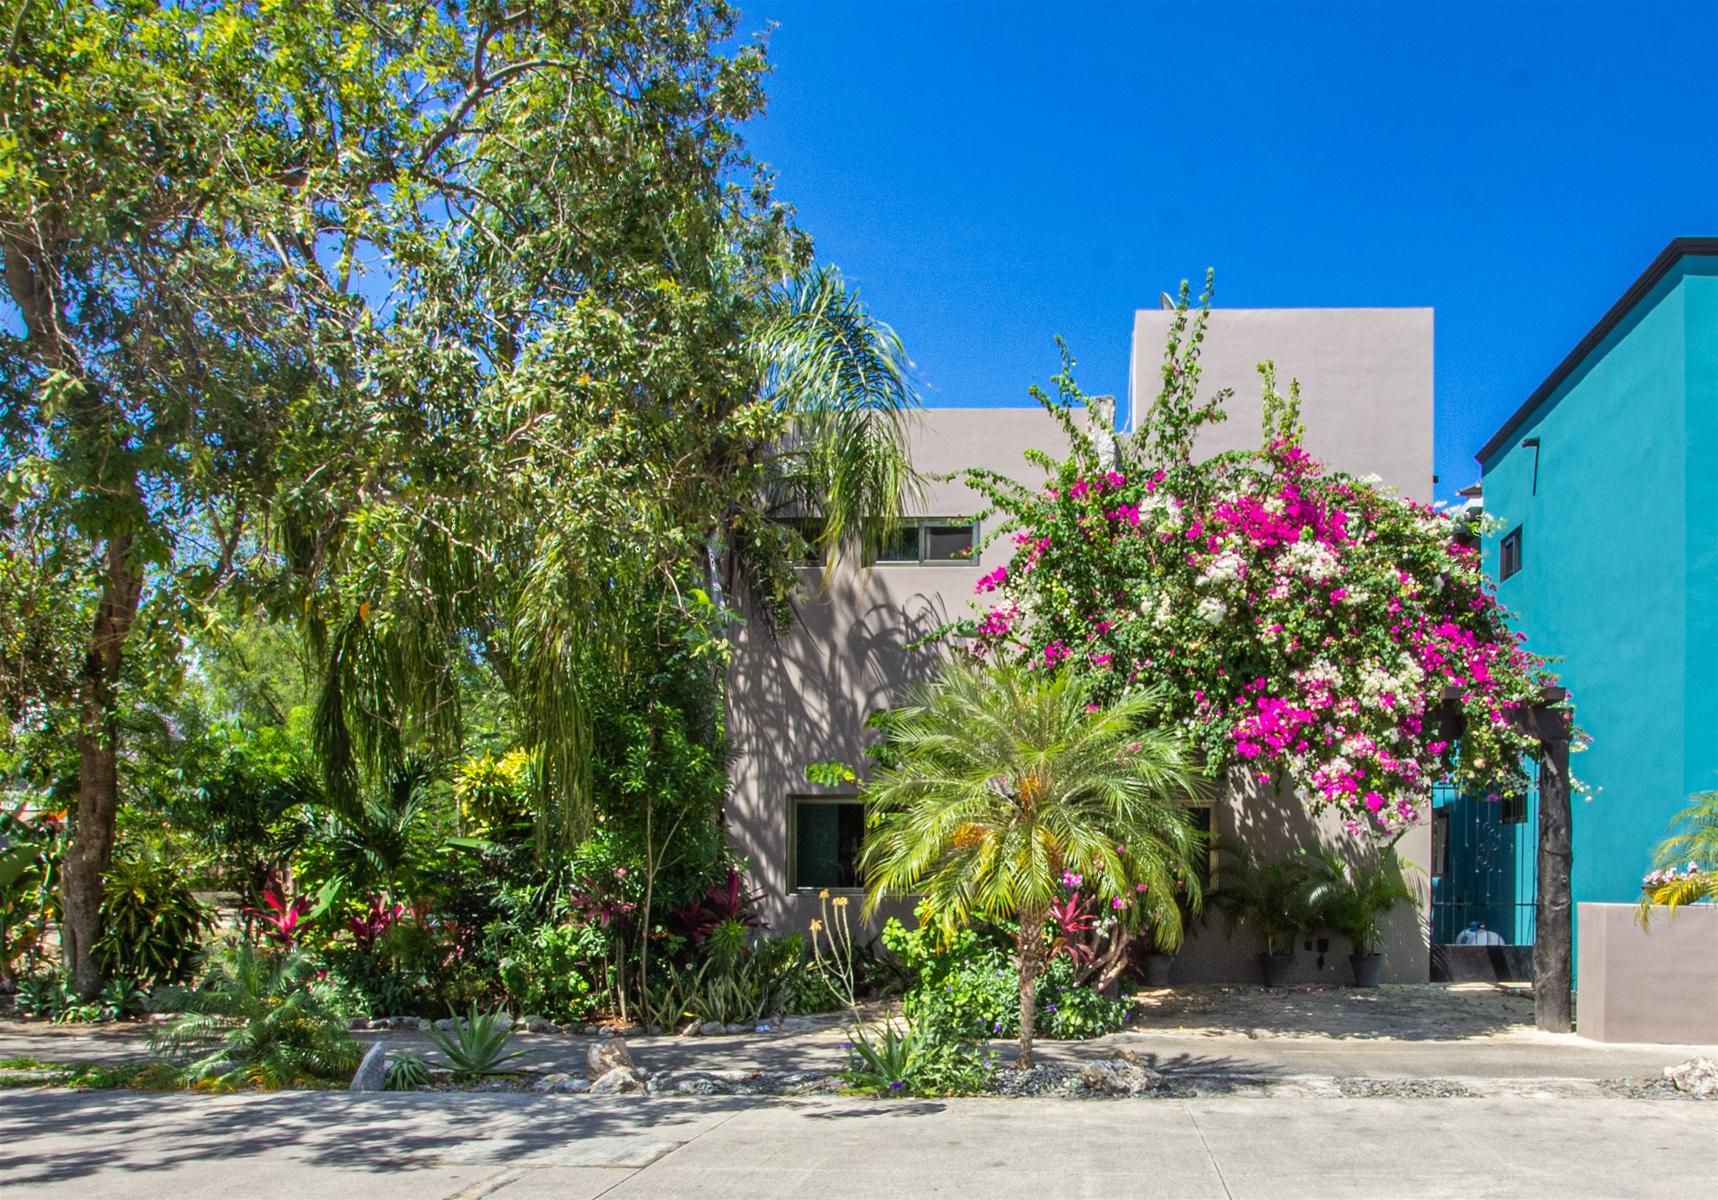 Hacienda del Rio 13 El Cielo Playa del Carmen Villa Home For Sale Real Estate to Buy